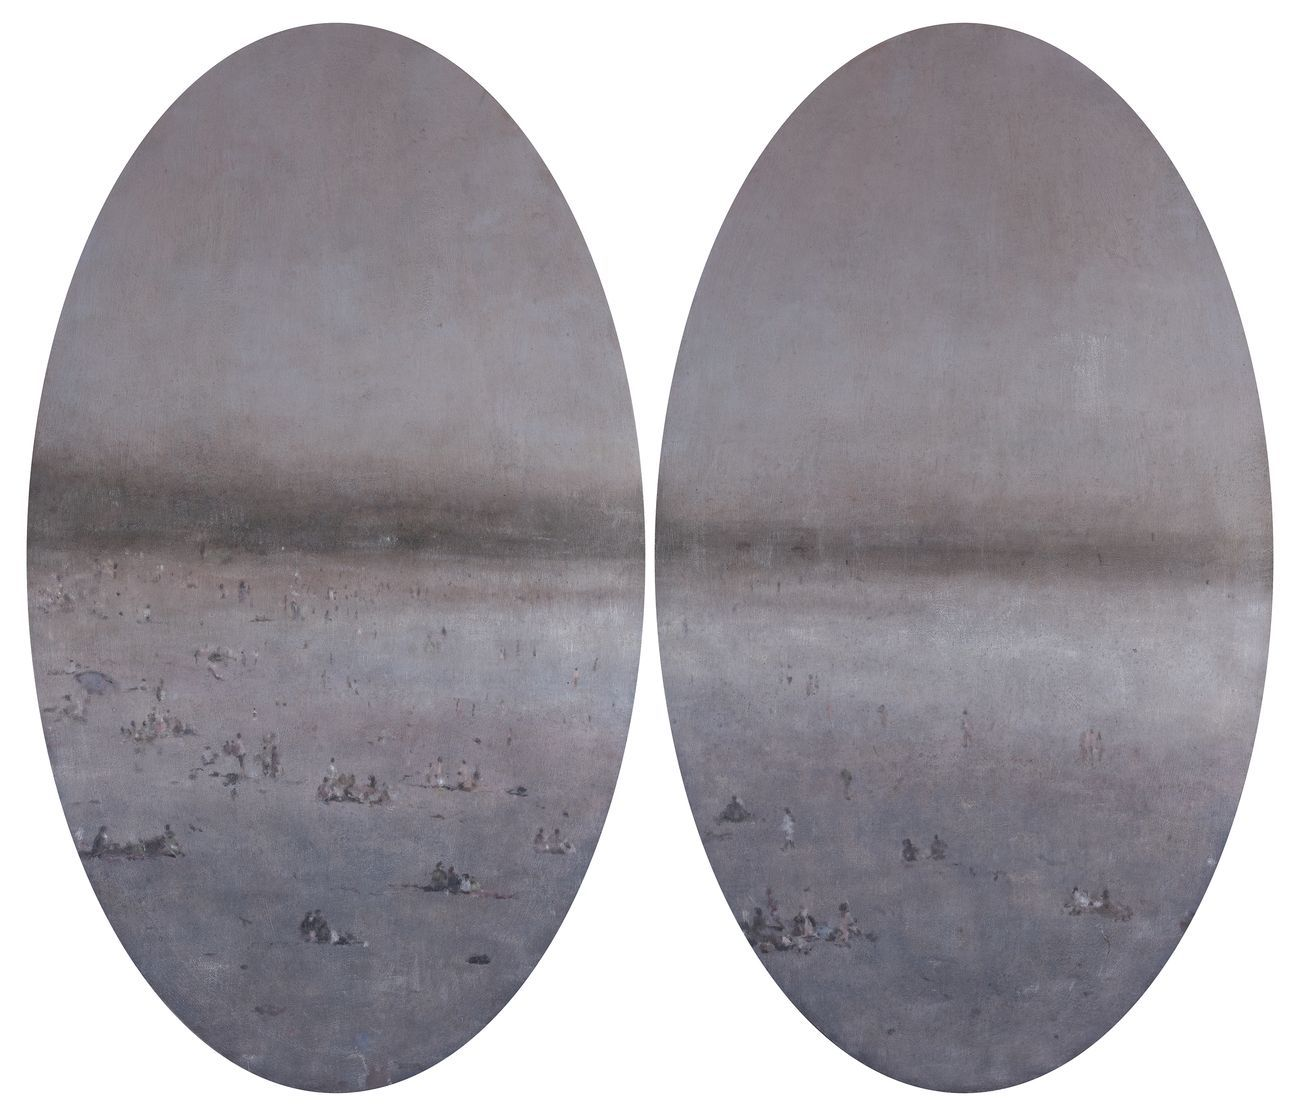 Enrico Tealdi, Le voci che non si sentono più, 2019, tecnica mista su carta foderata su tela, dittico cm 100x120